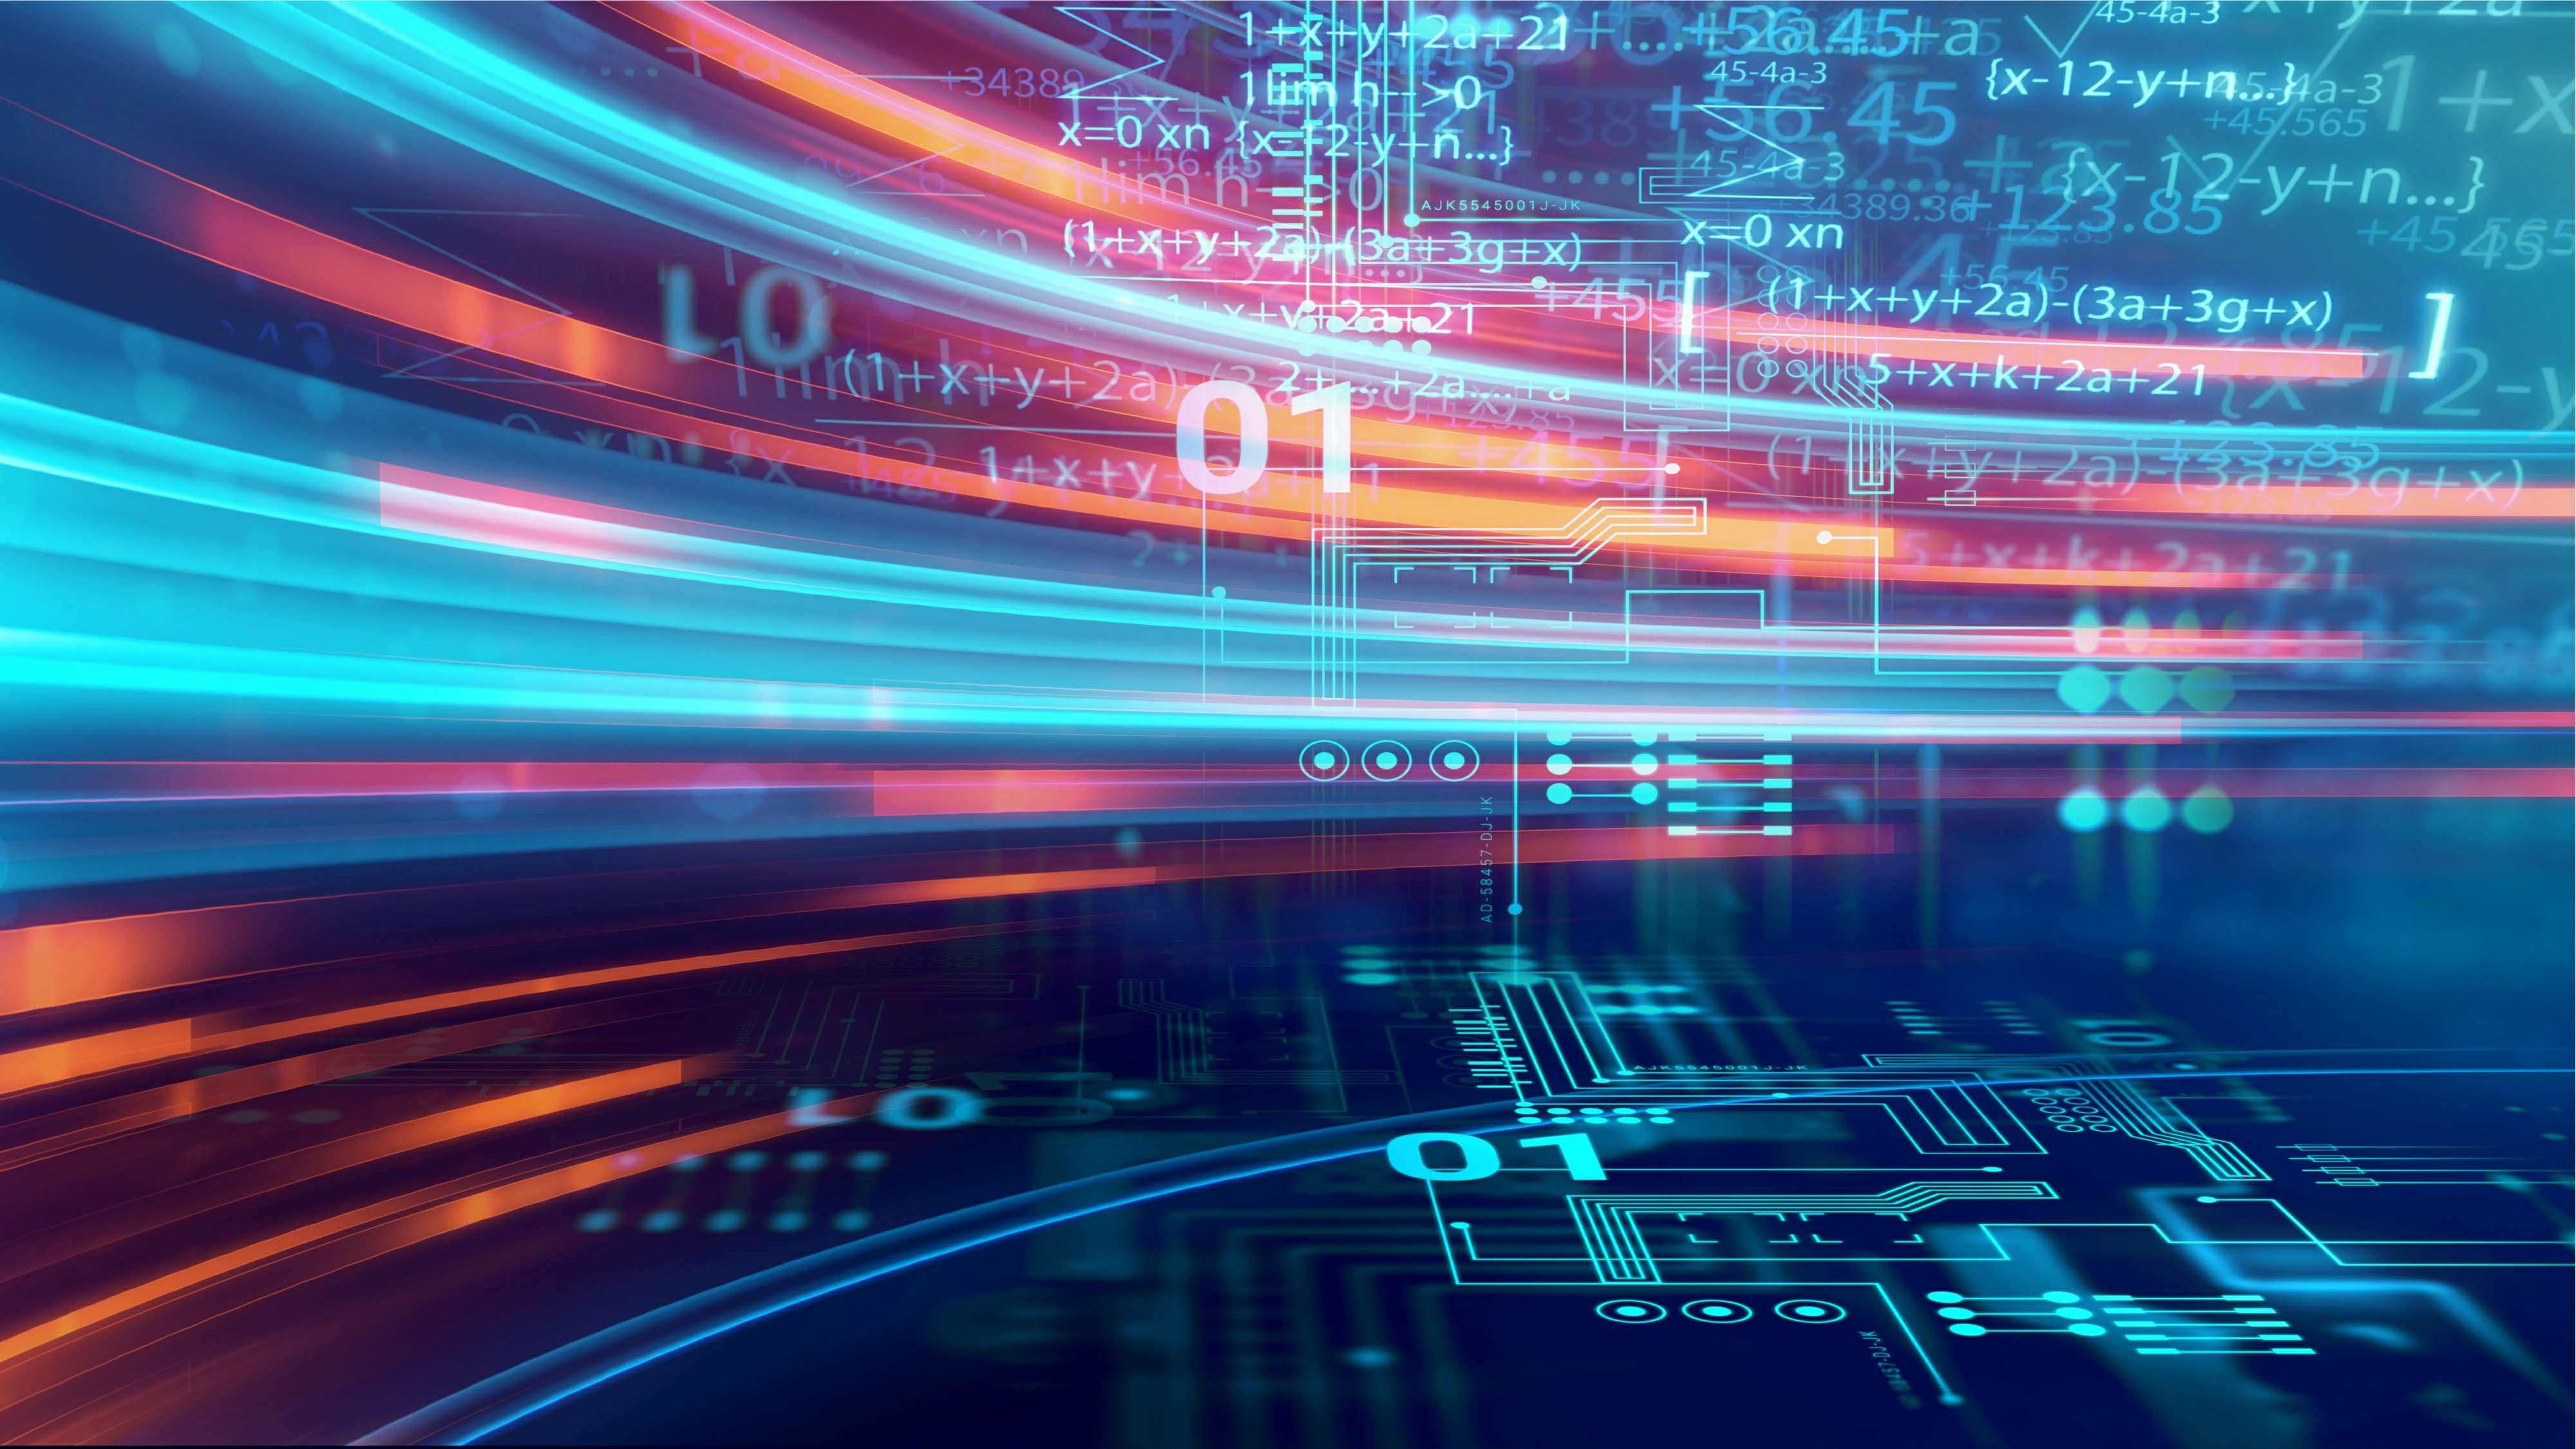 2020将成为企业的筹变之年?数字化转型应聚焦何处?